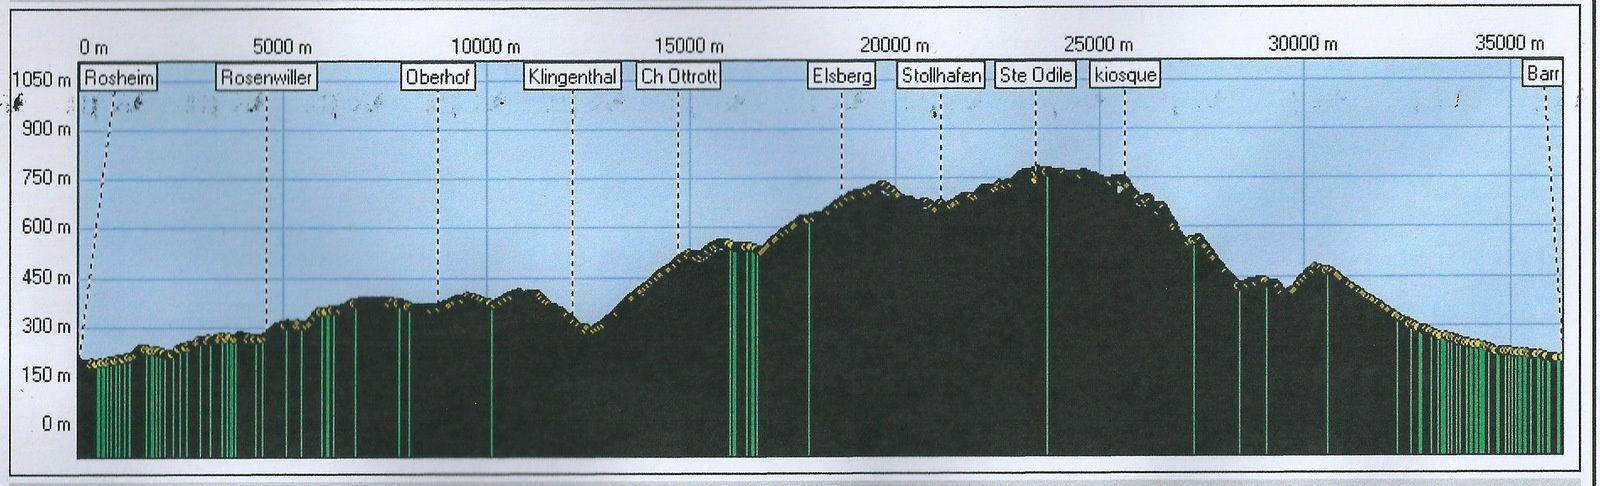 VTT Mont Ste Odile - 30 novembre 2014